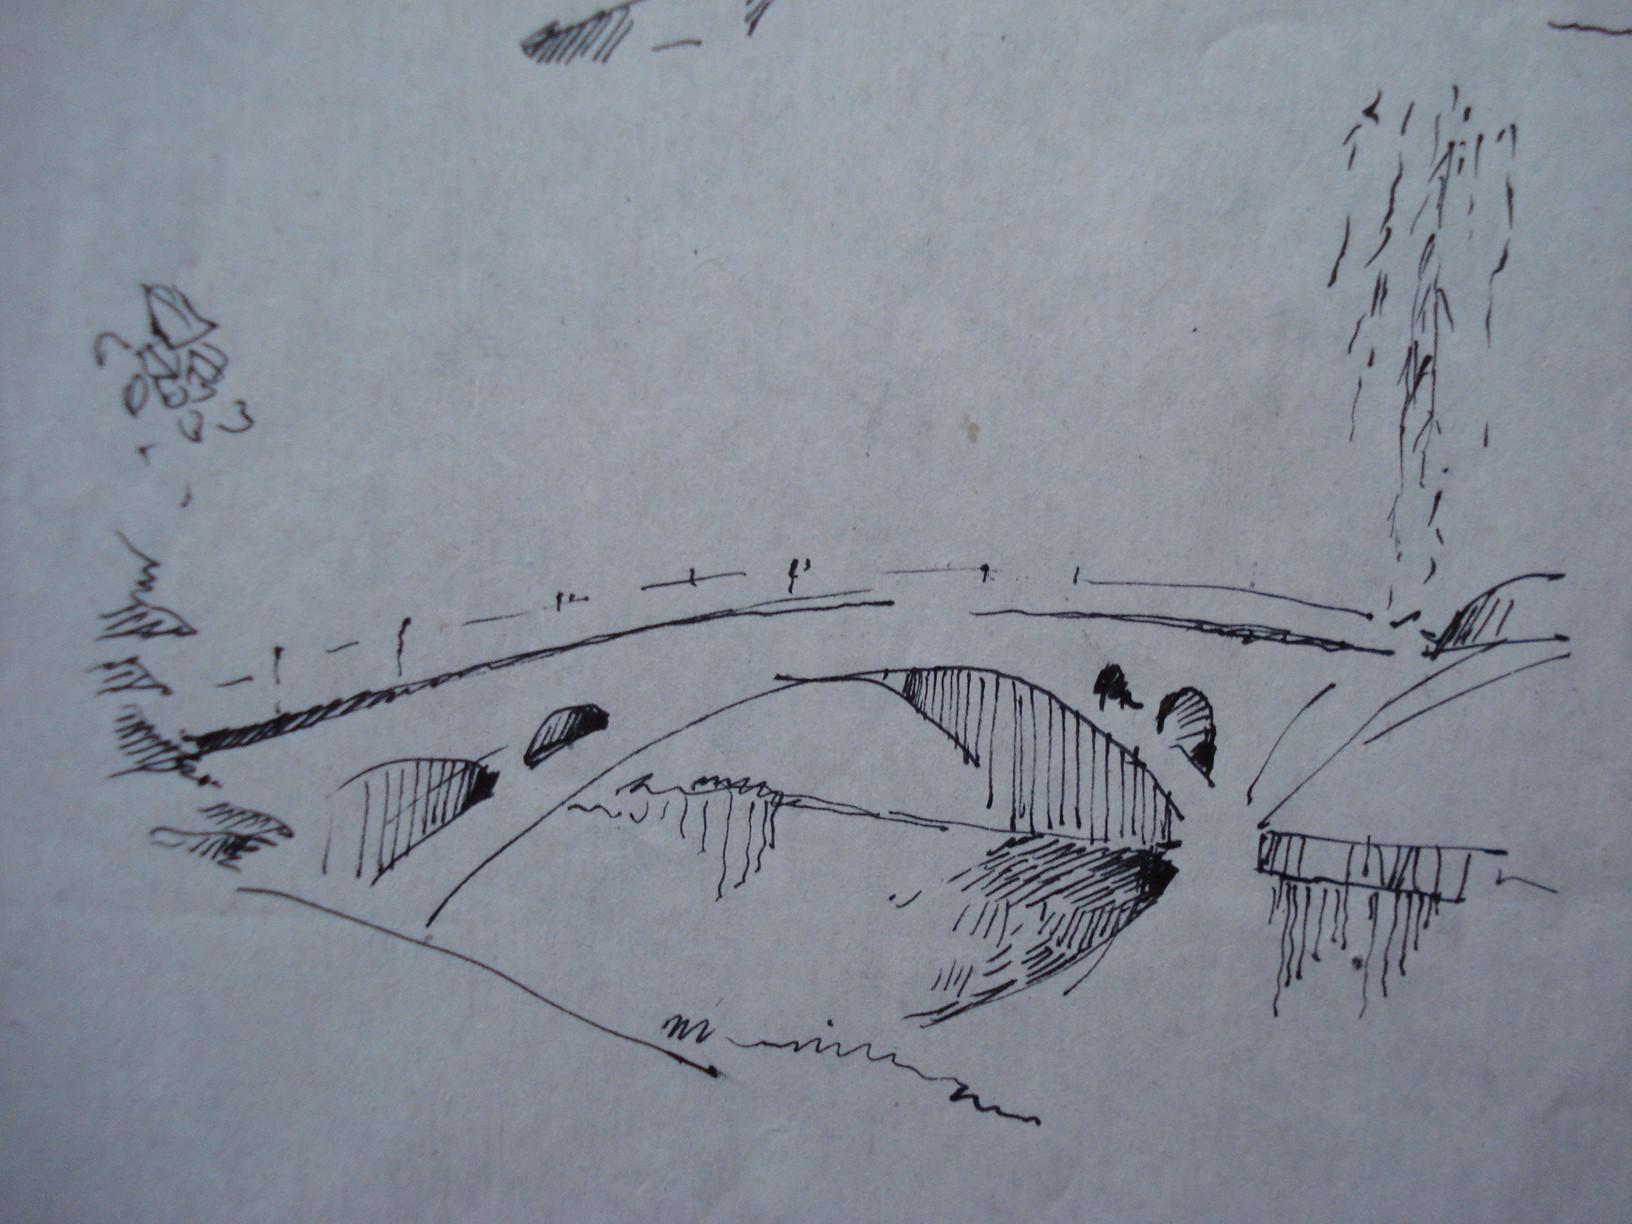 简单风景速写钢笔画 上海建筑速写钢笔画 树木风景速写钢笔画